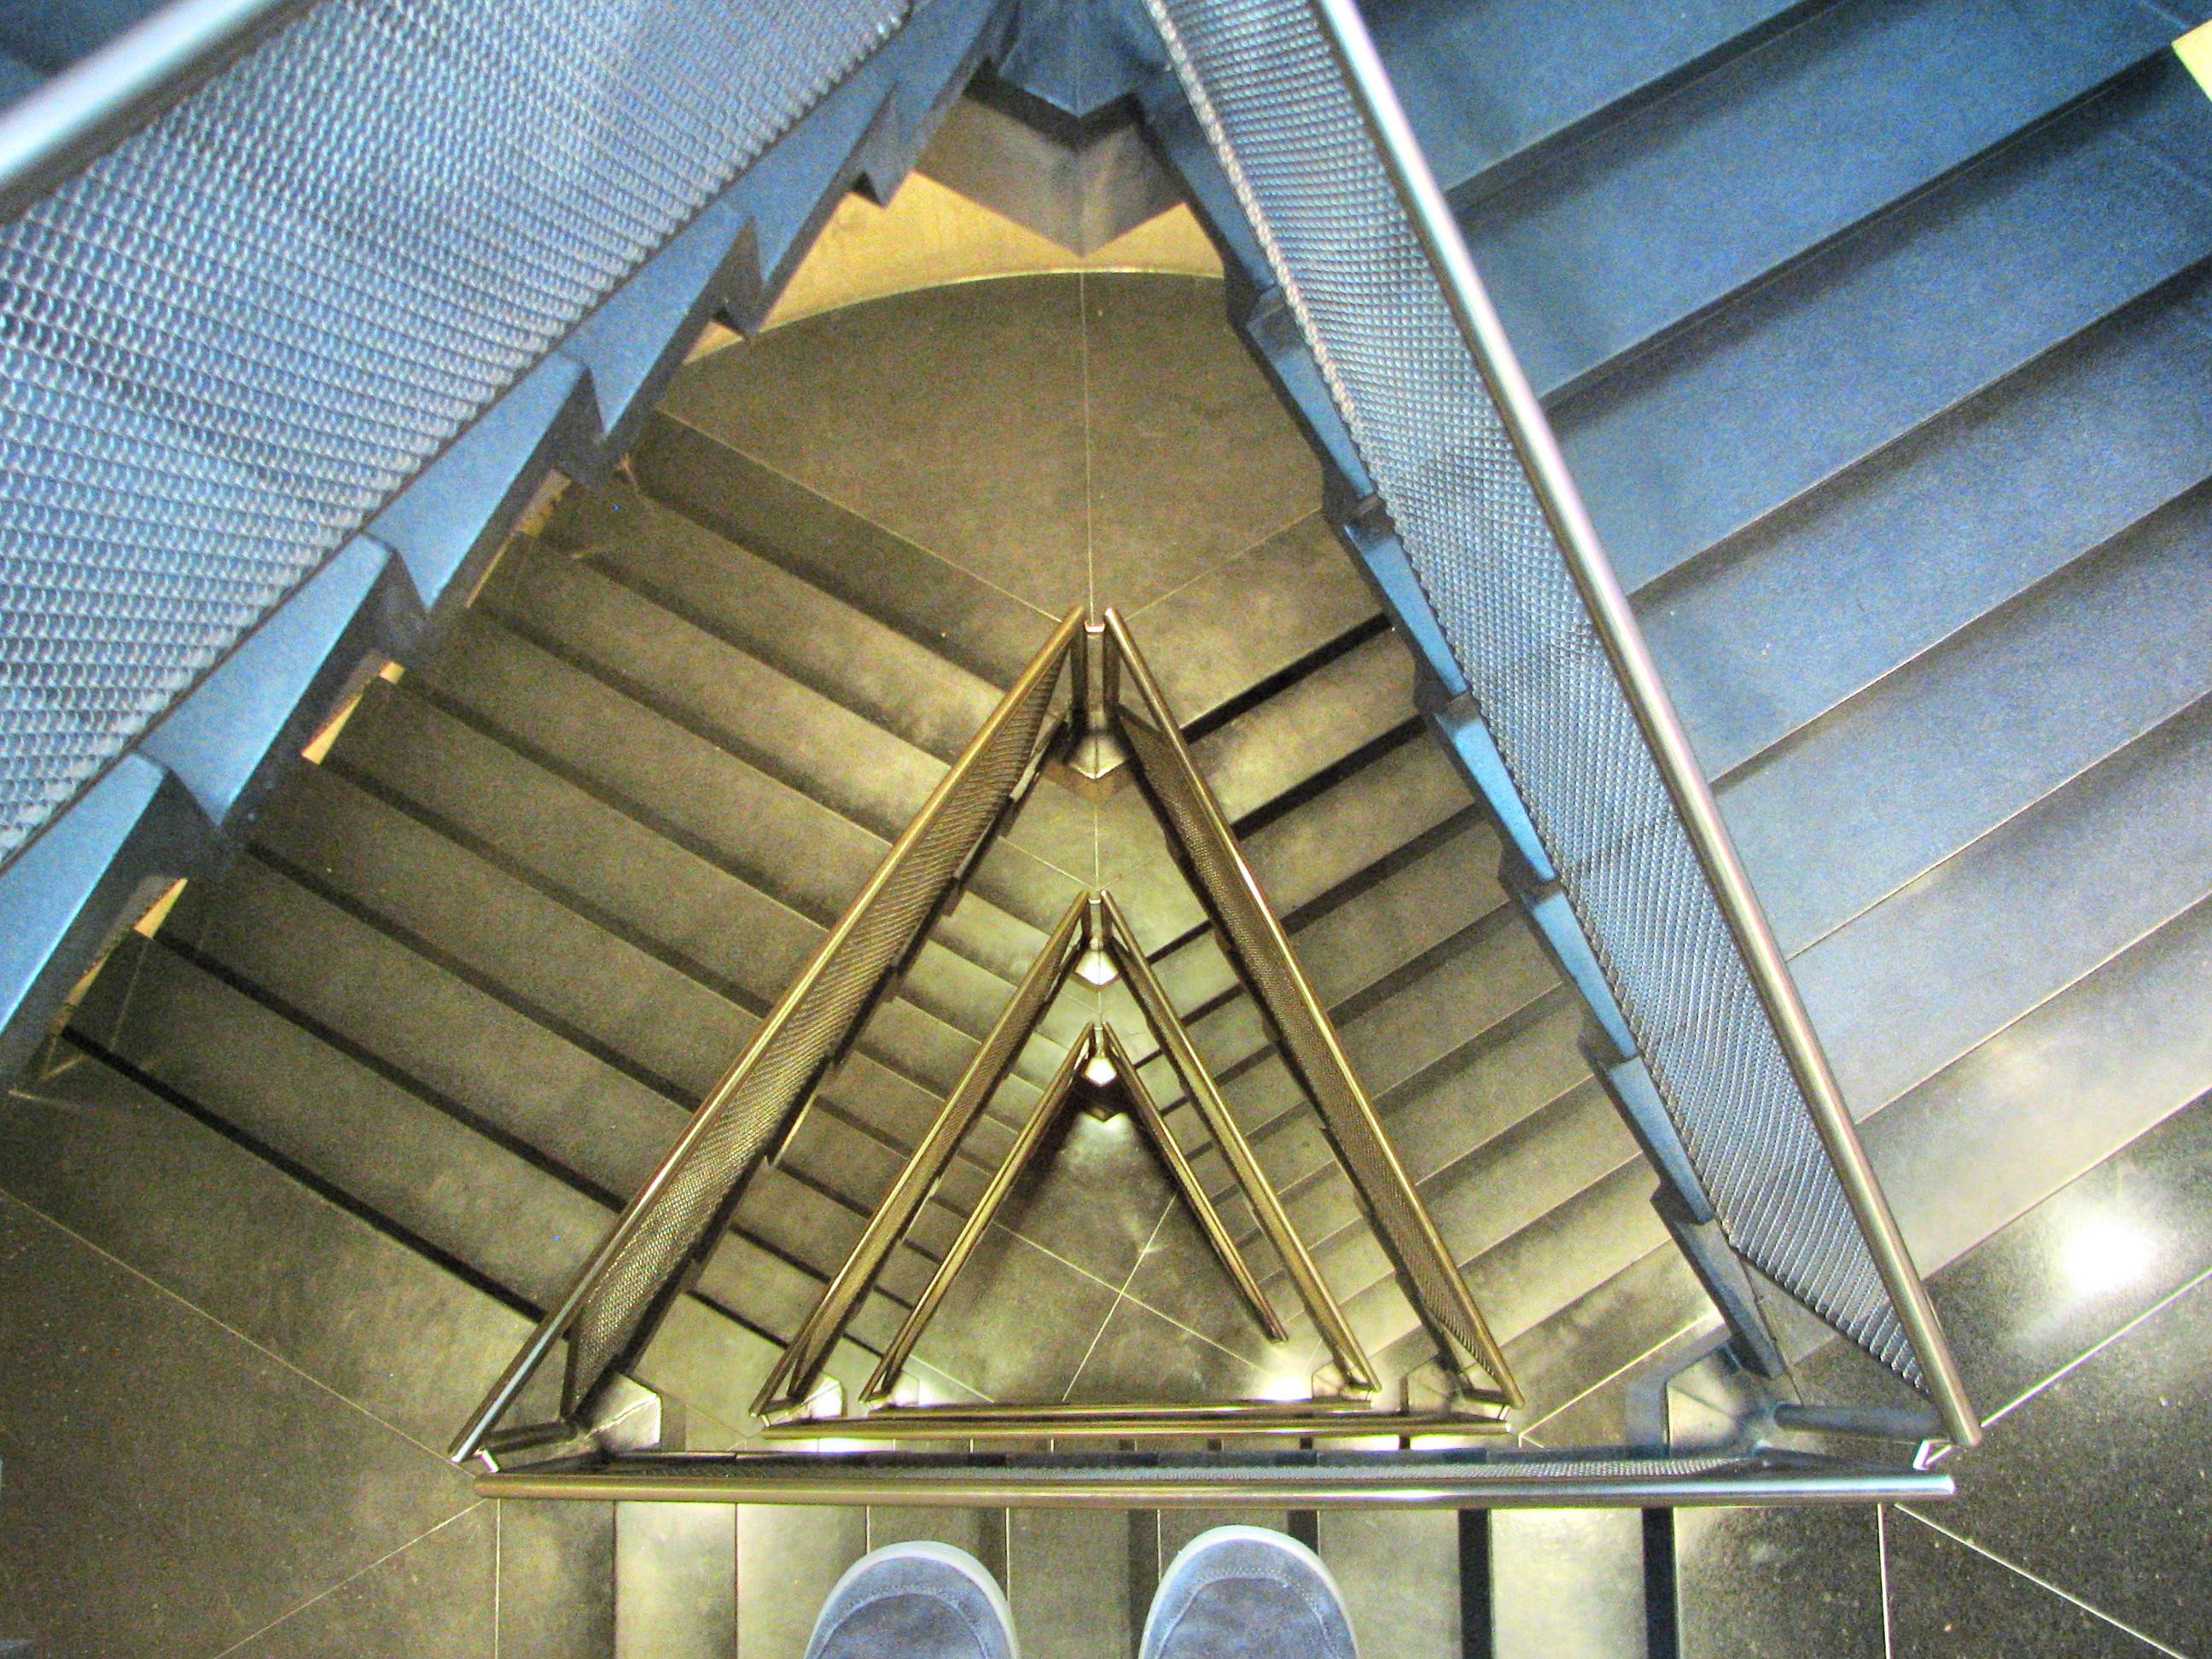 耶魯大學藝術廊